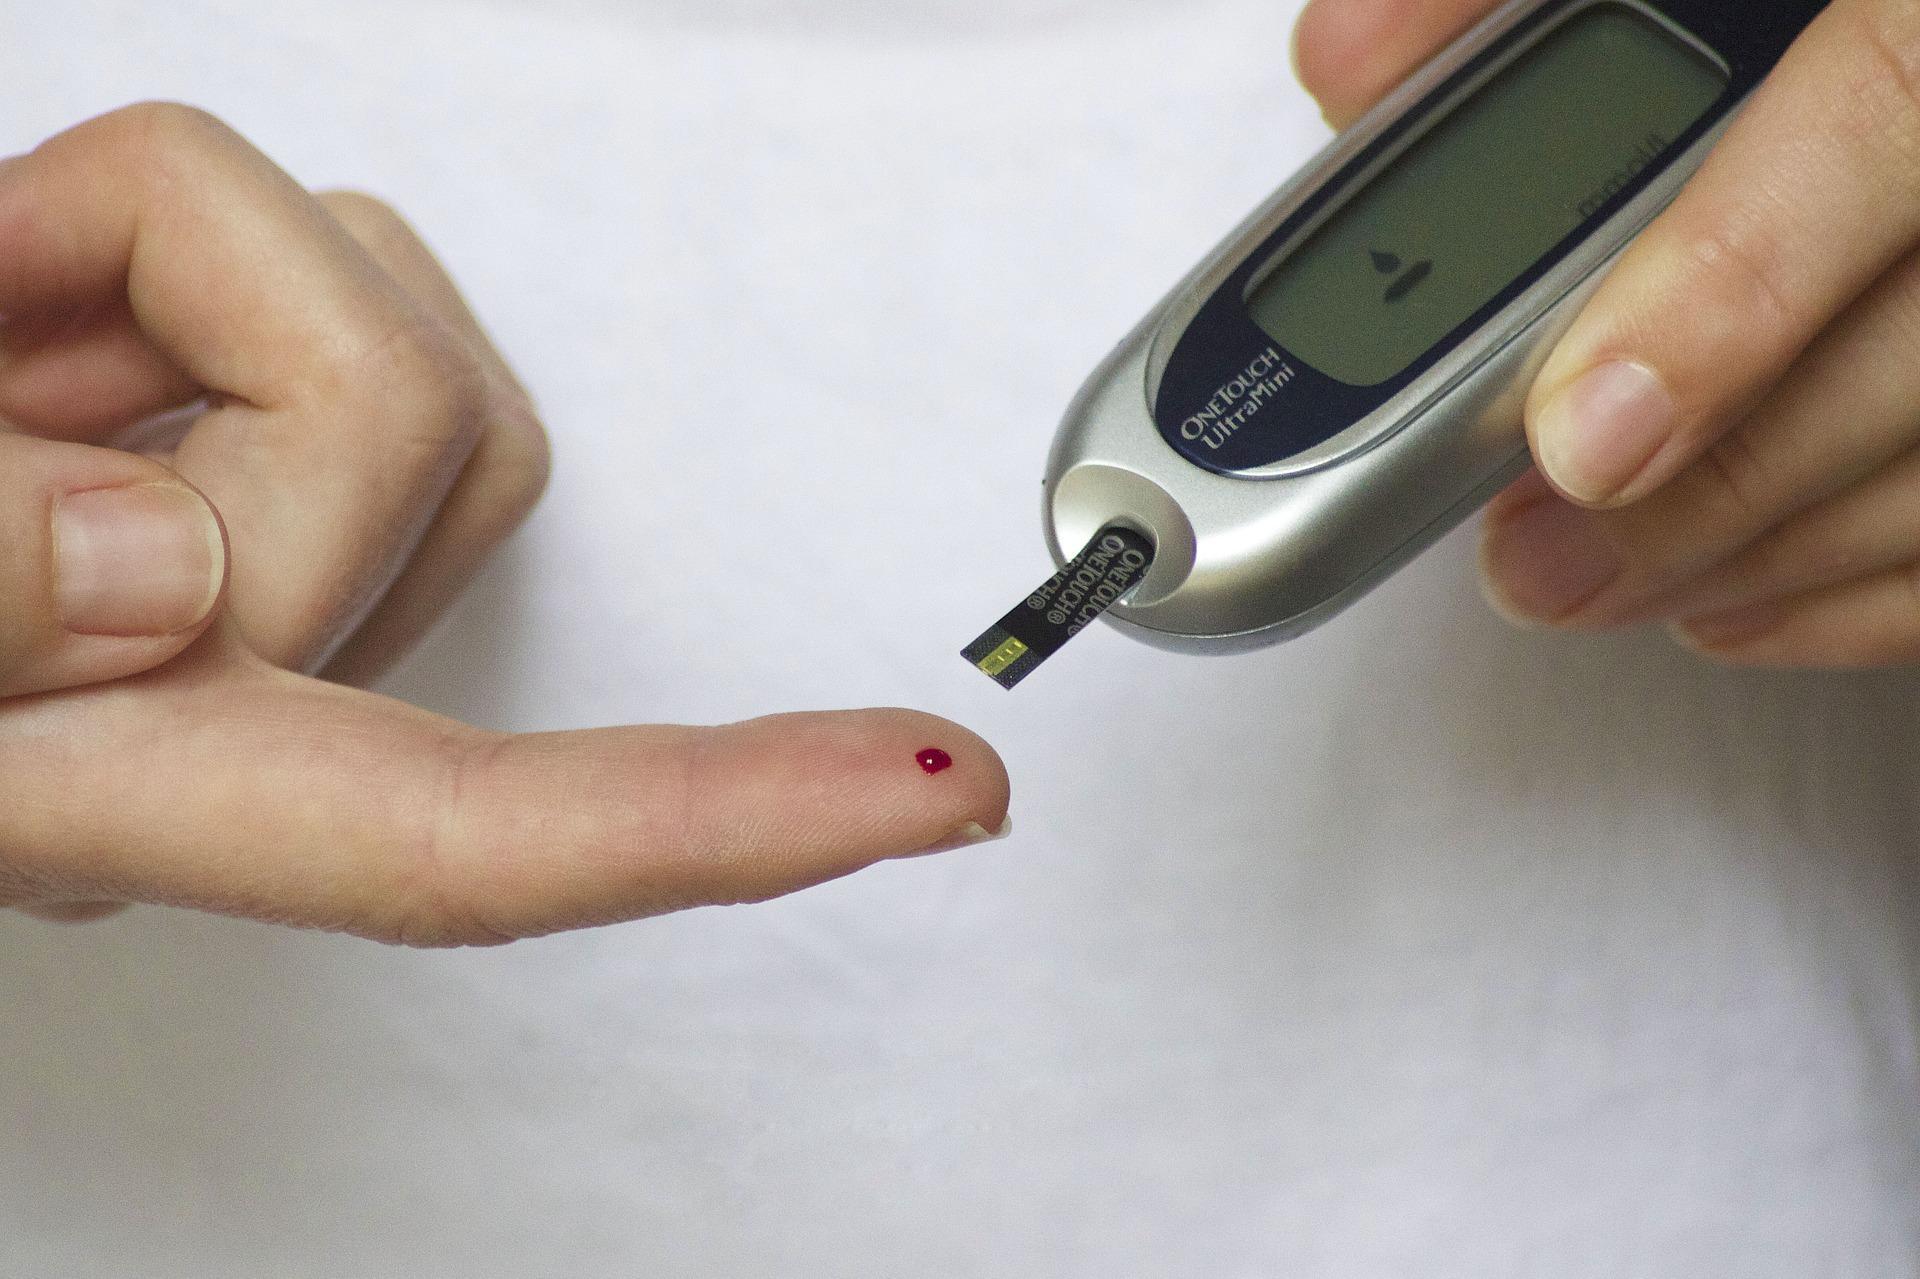 Quelle relation entre diabète et sexualité?